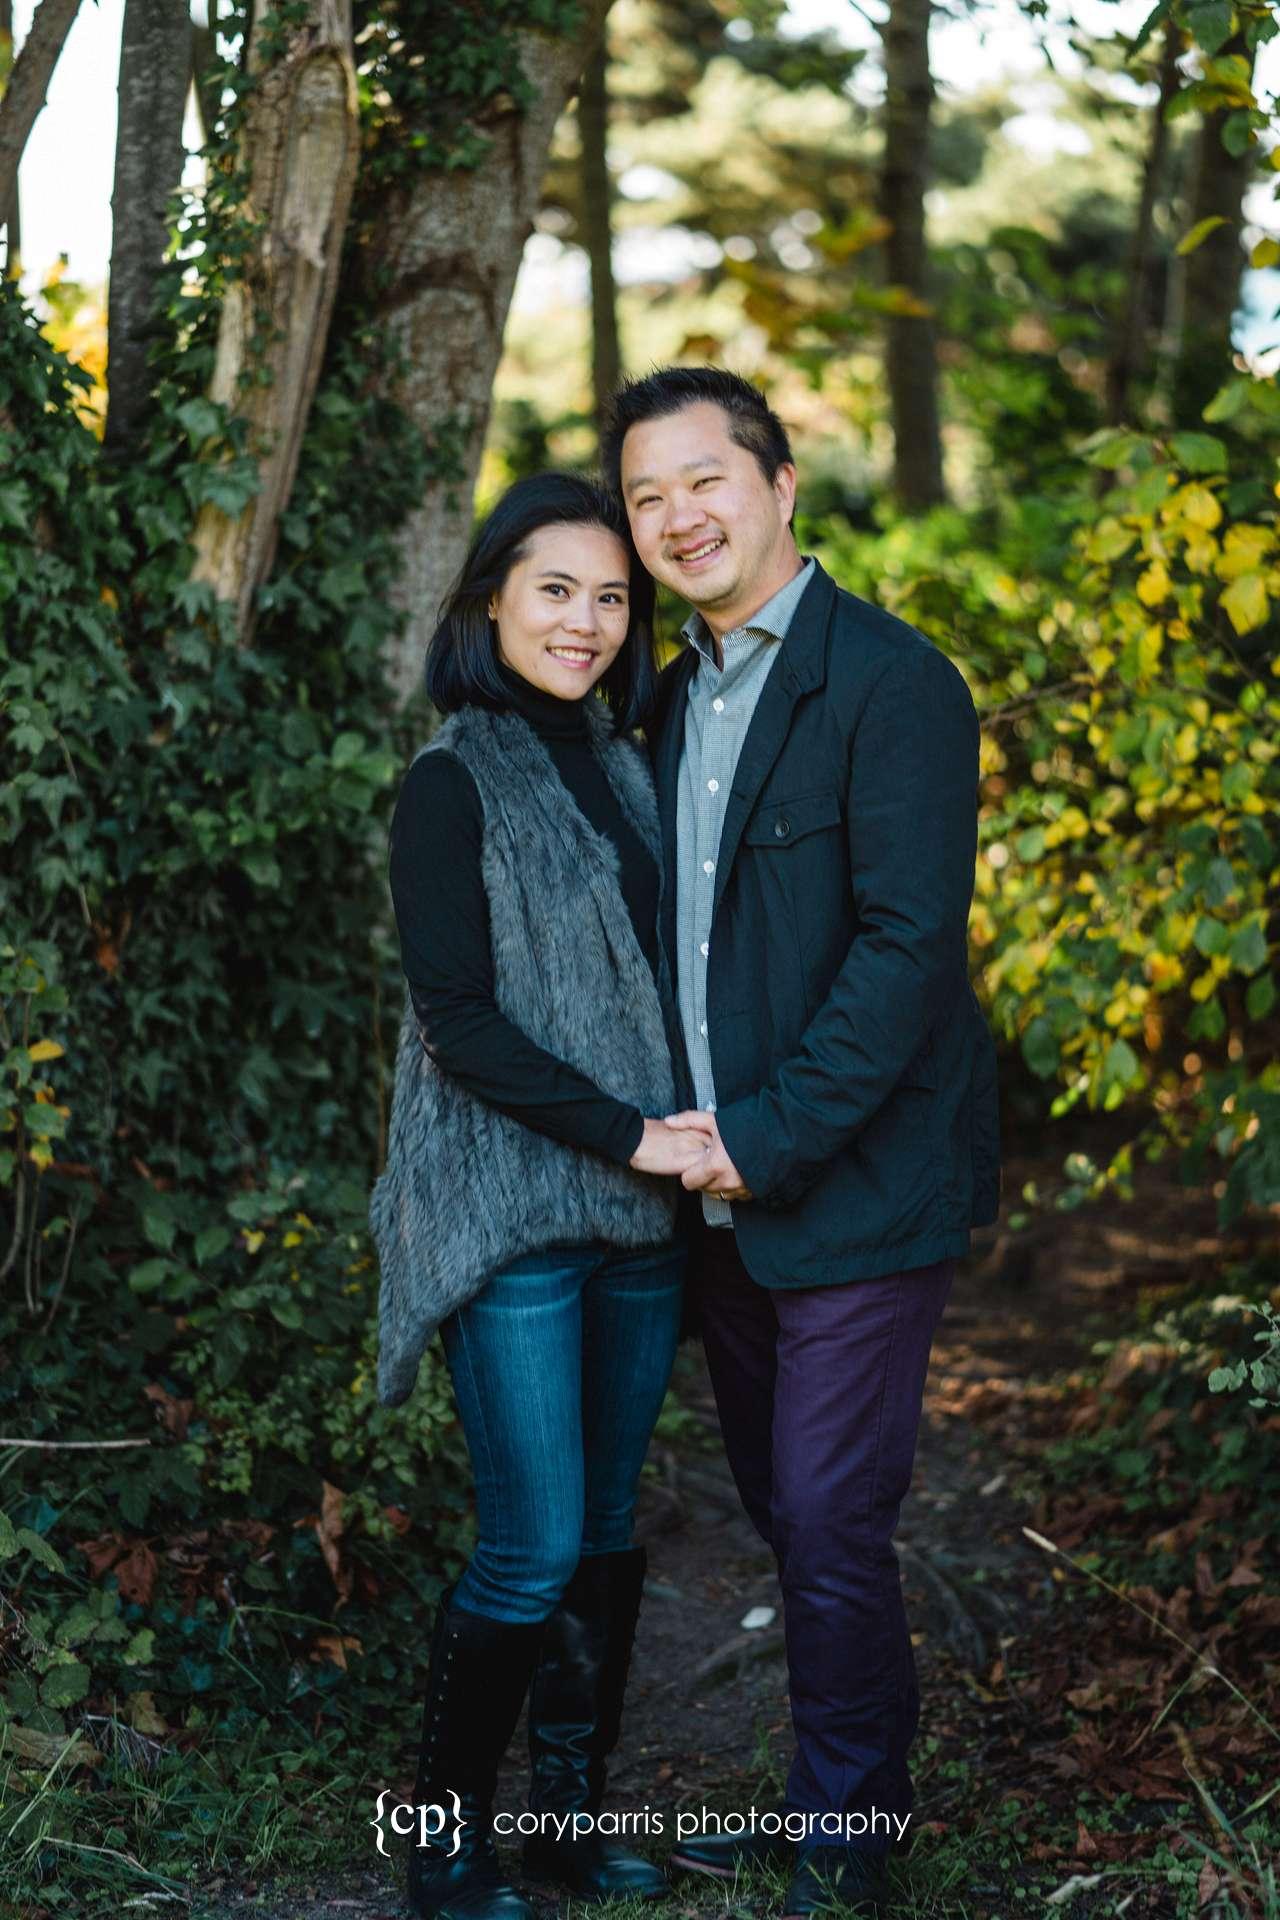 Seattle-family-portraits-golden-gardens-115.jpg